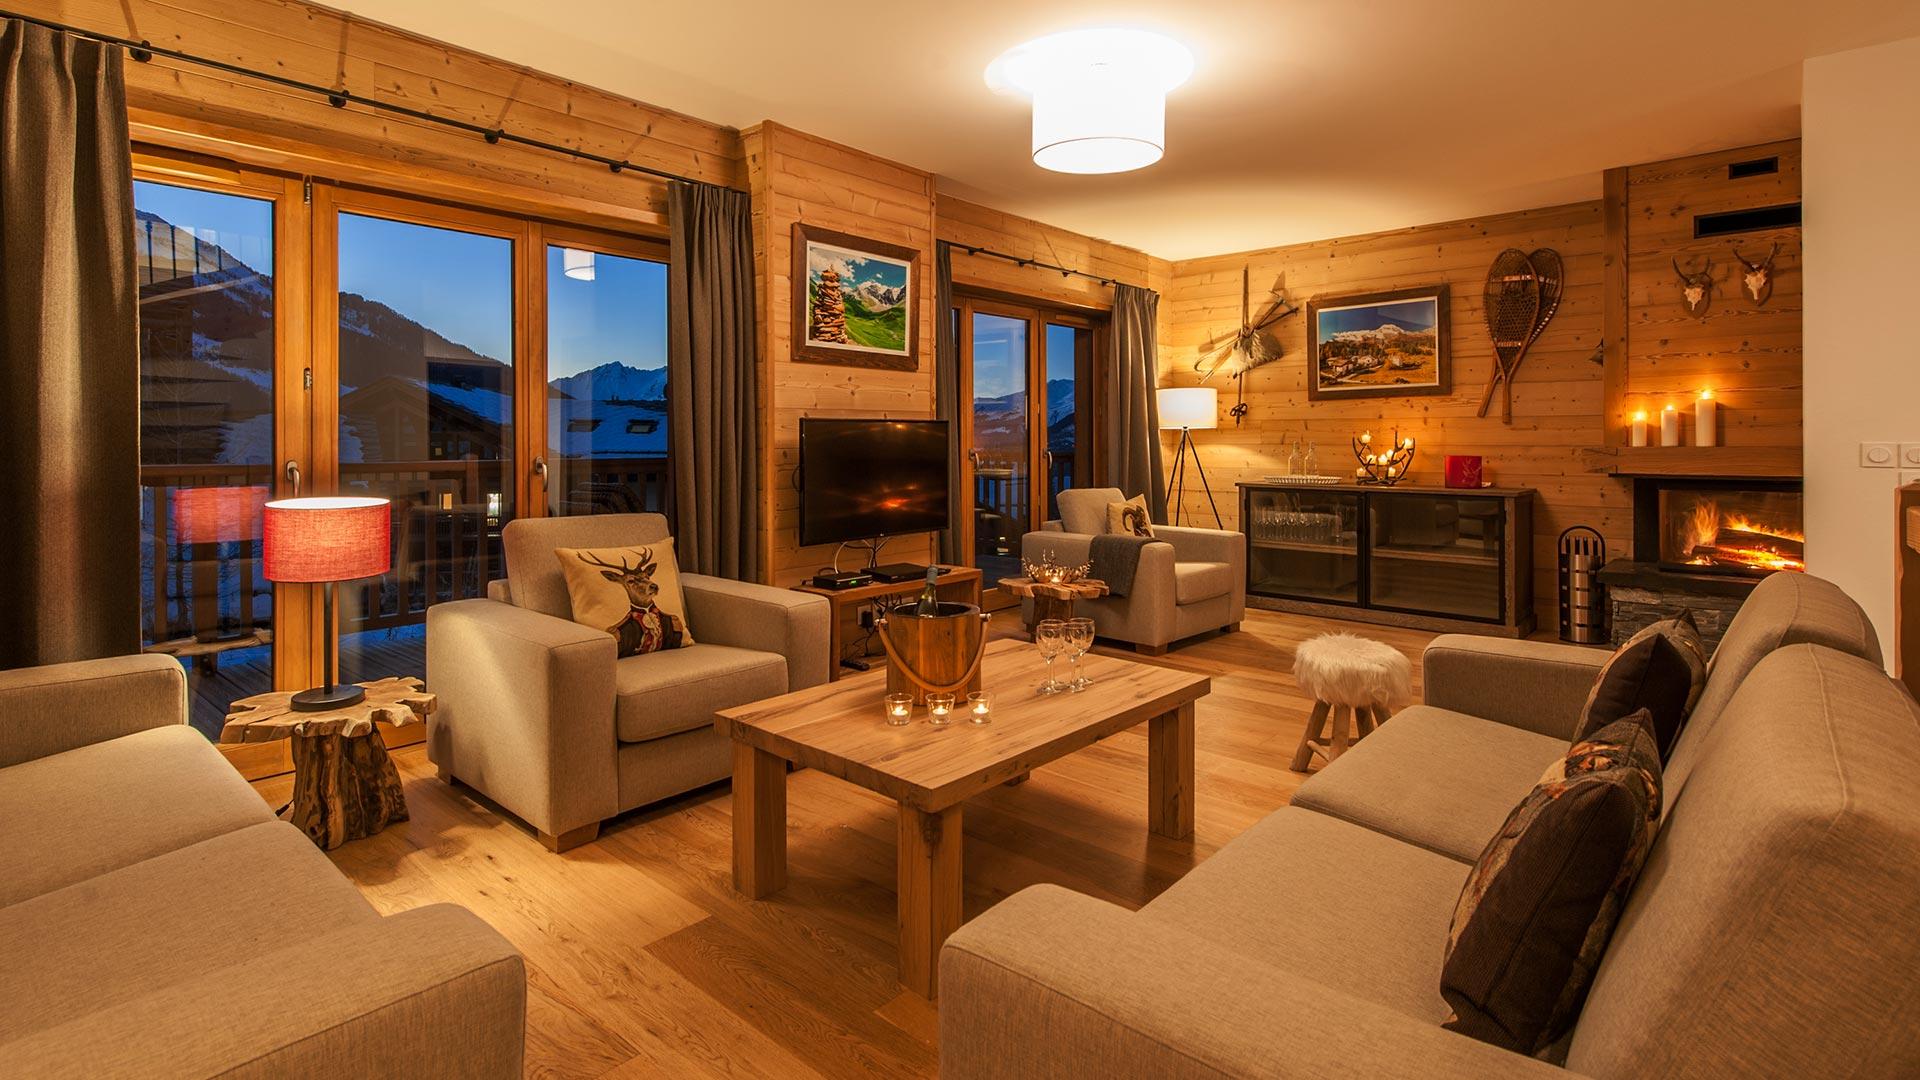 Living area - Luxury self catered Estournel Chalet, Les Hauts du Monal, Sainte Foy